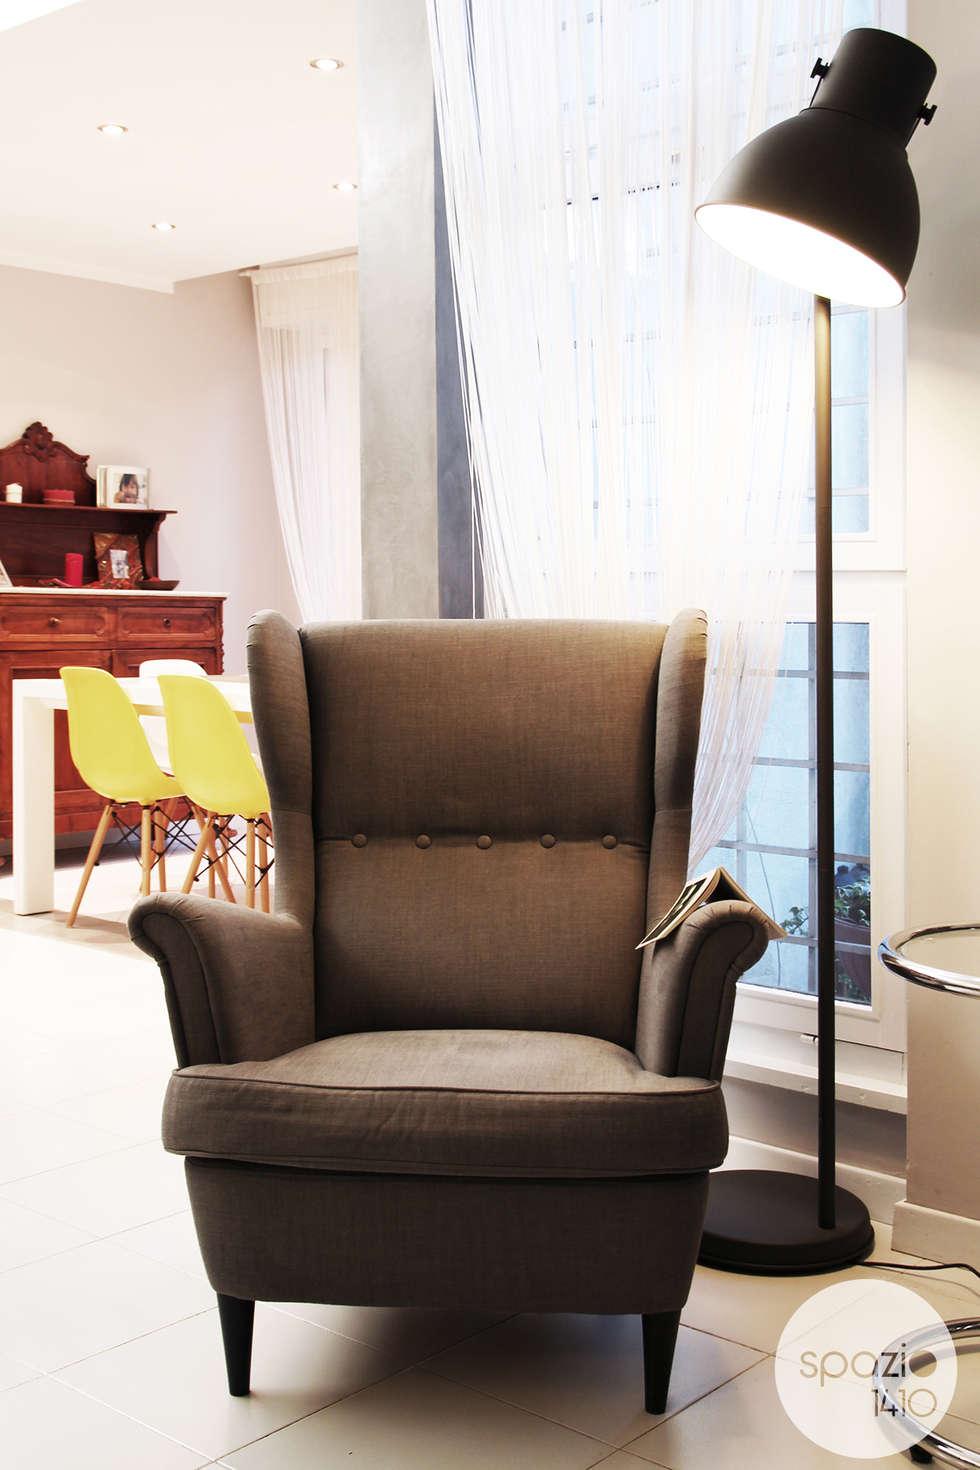 L'angolo lettura: Soggiorno in stile in stile Moderno di Spazio 14 10 di Stella Passerini